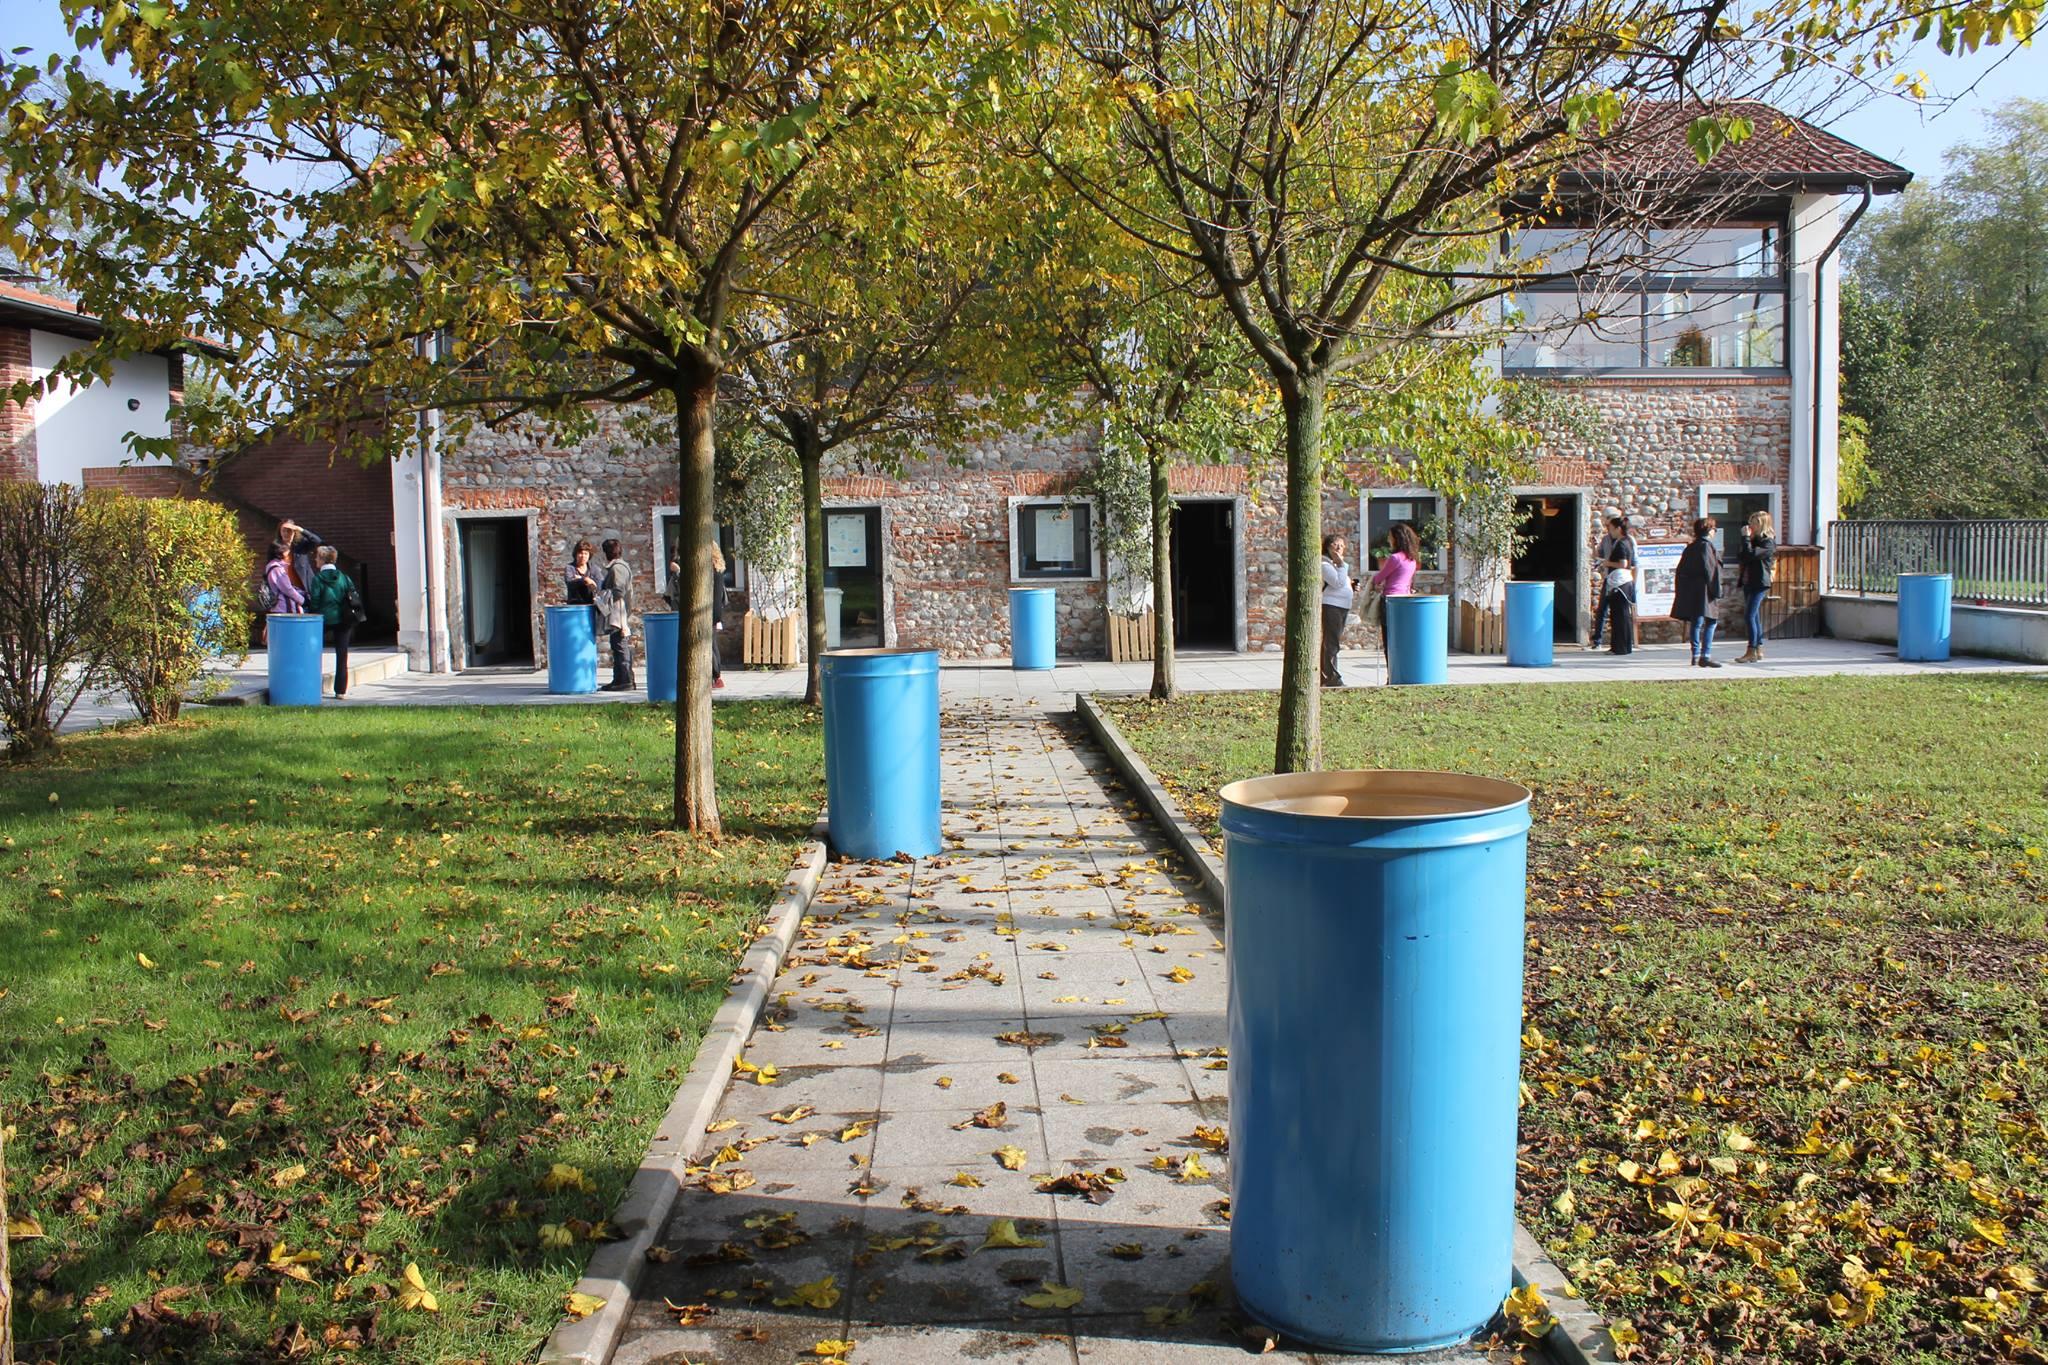 Il cortile del Centro Parco ex Dogana in autunno